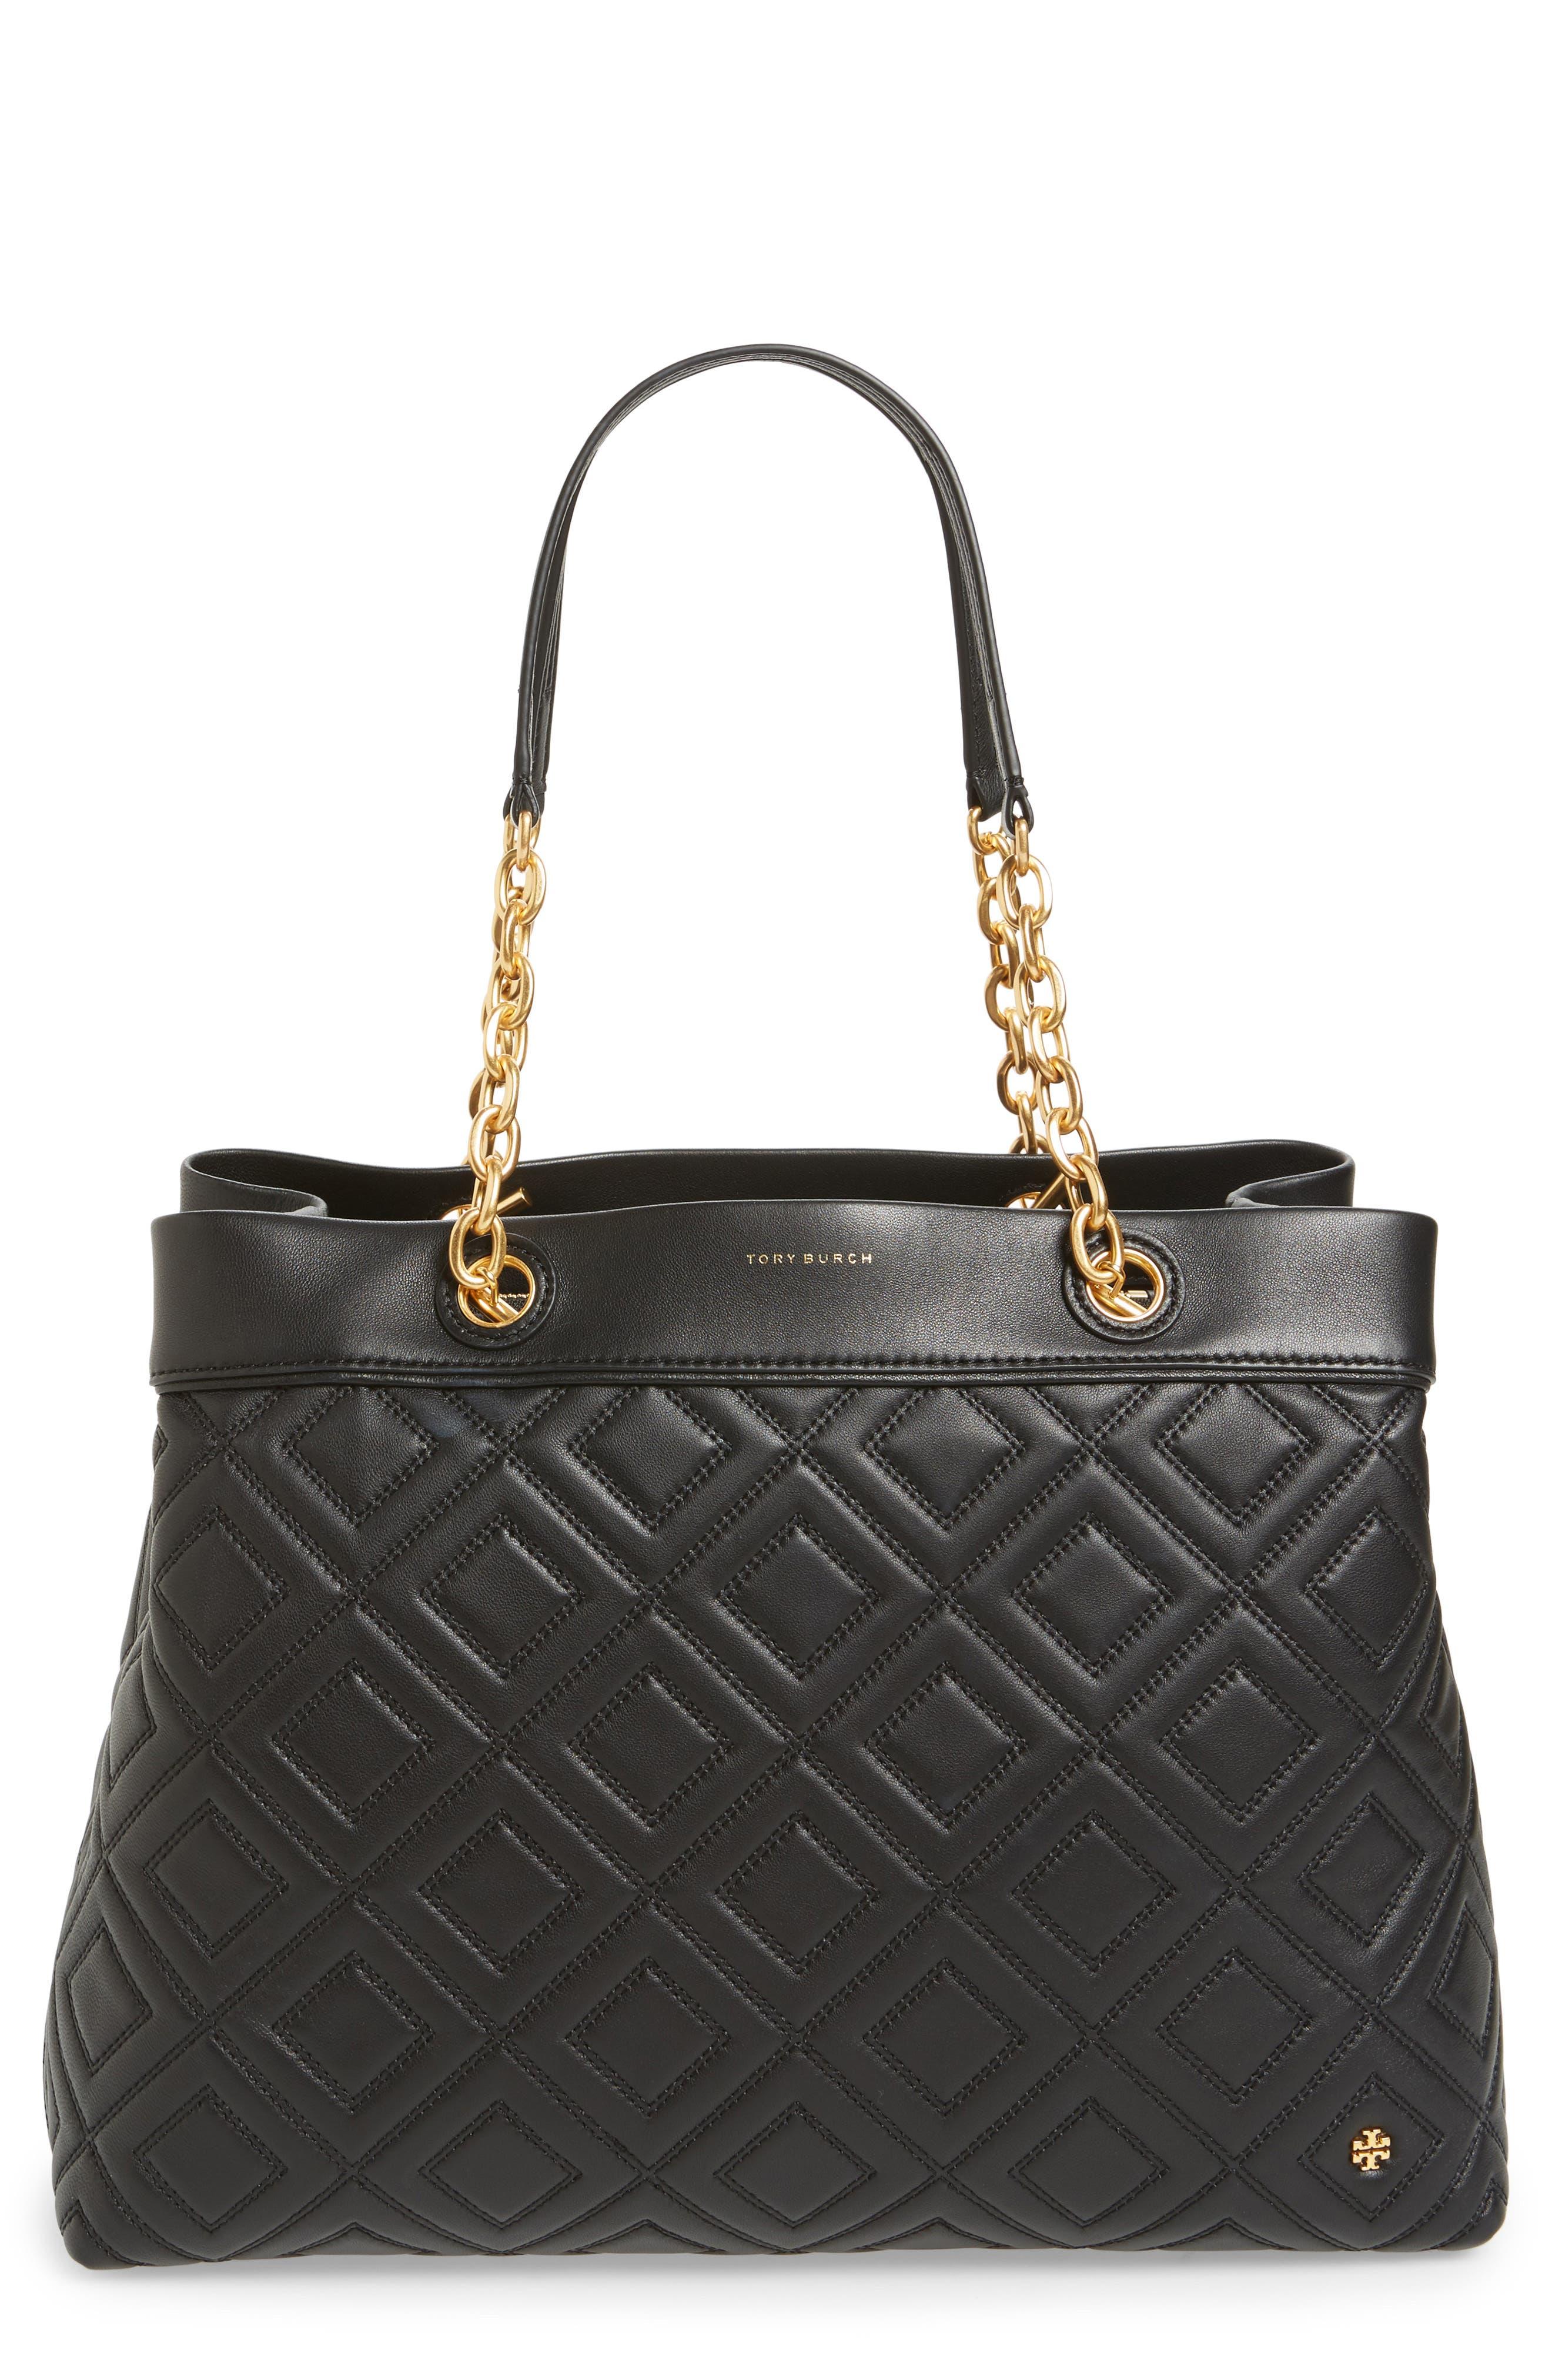 Lousia Lambskin Leather Tote,                         Main,                         color, Black